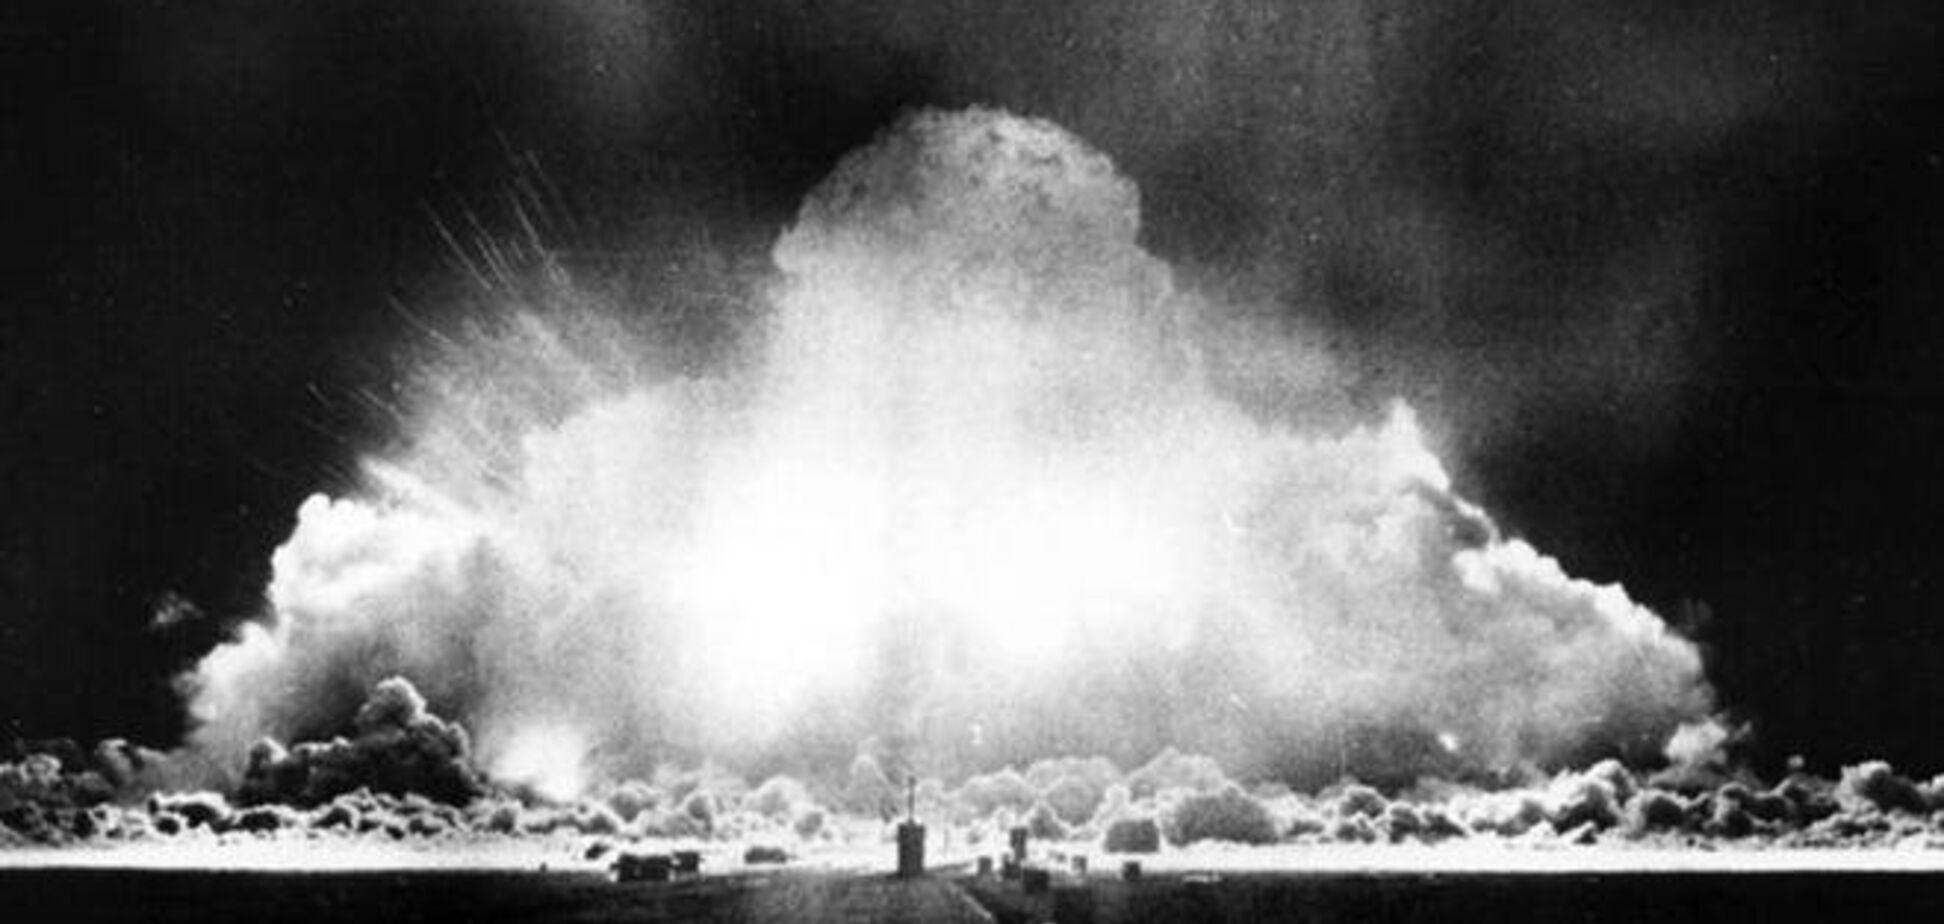 В СССР прошло жуткое испытание ядерного оружия, убившее множество людей